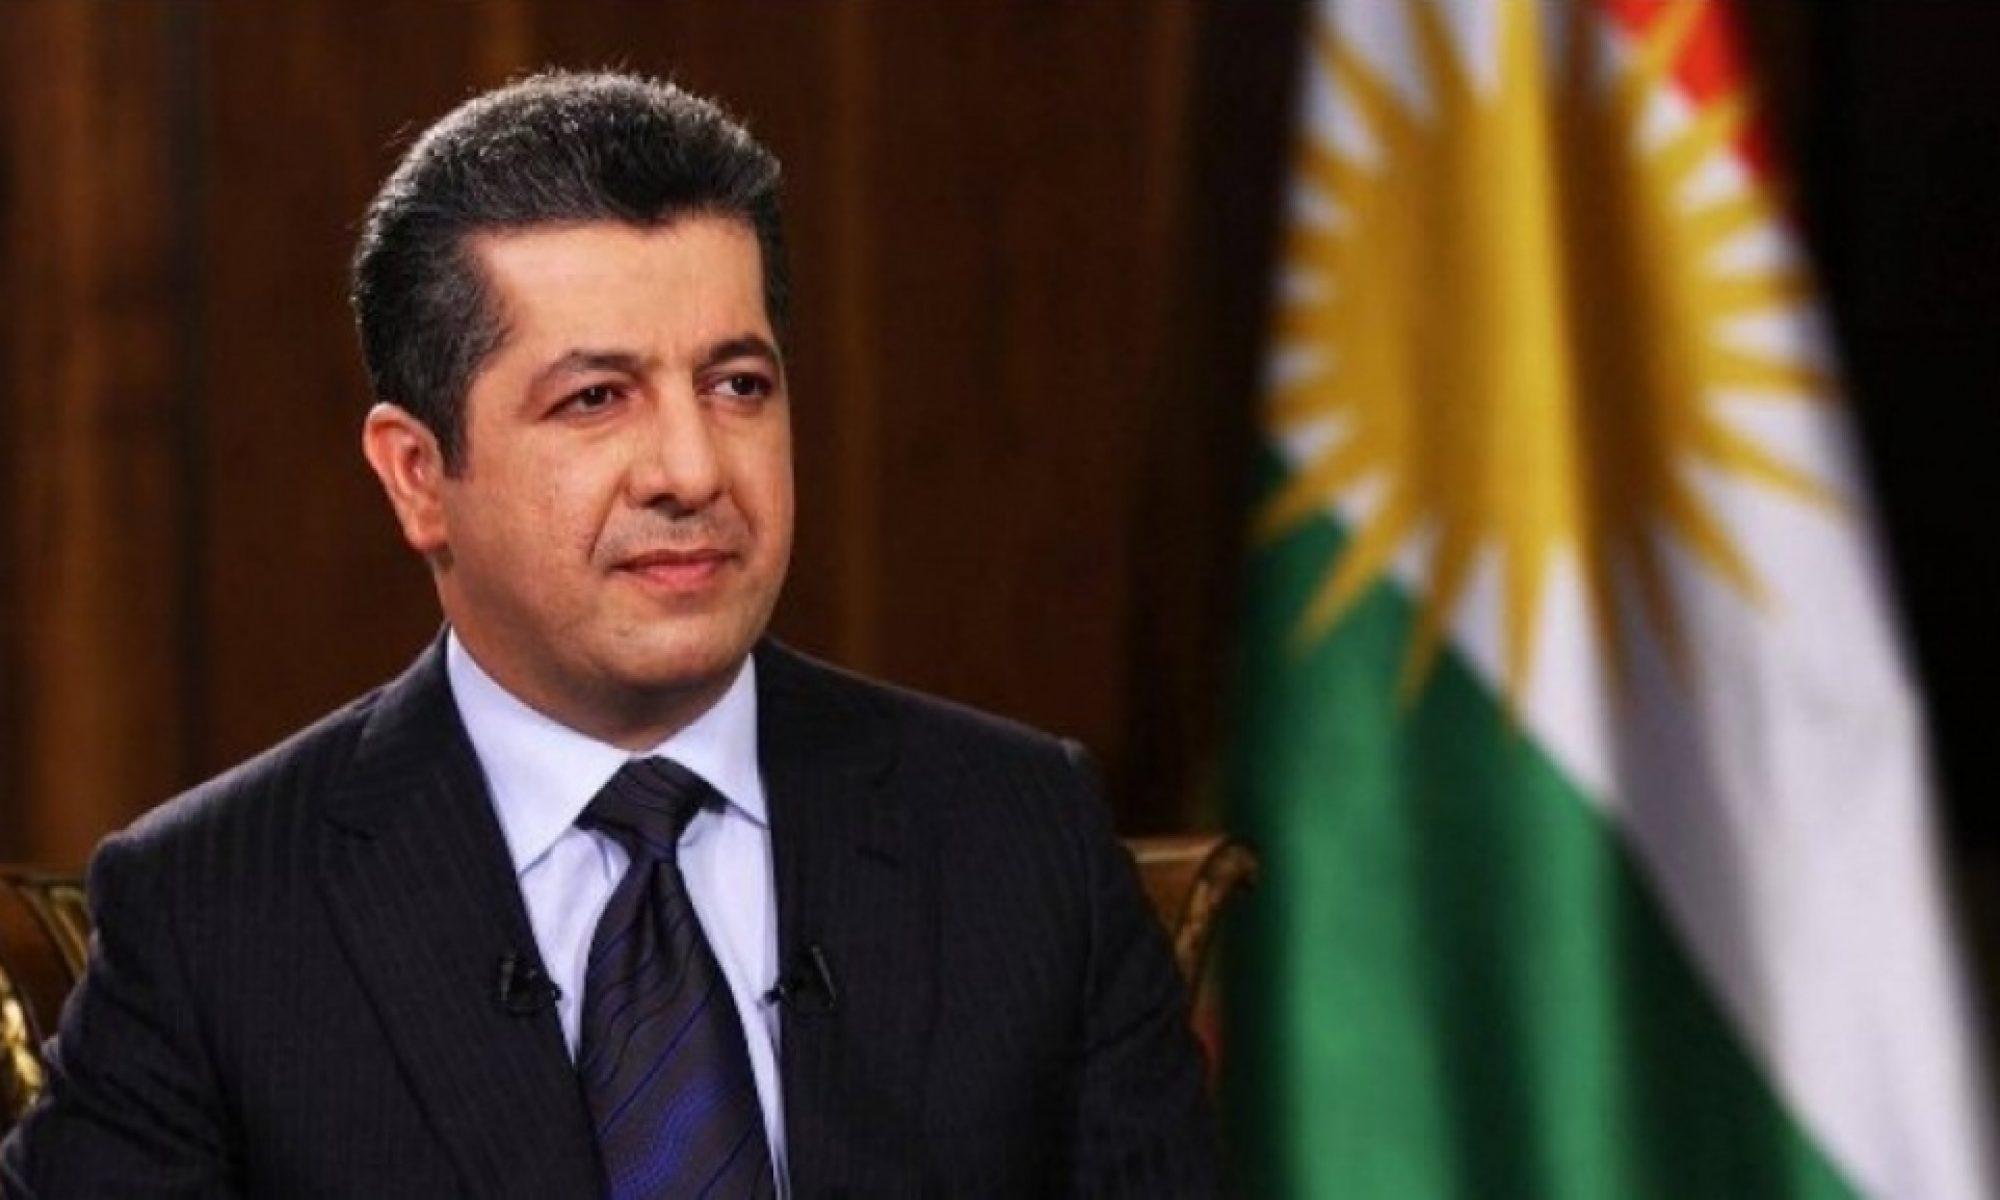 Mesrur Barzani: Sevdiklerinizin hayatını tehlikeye atmayın